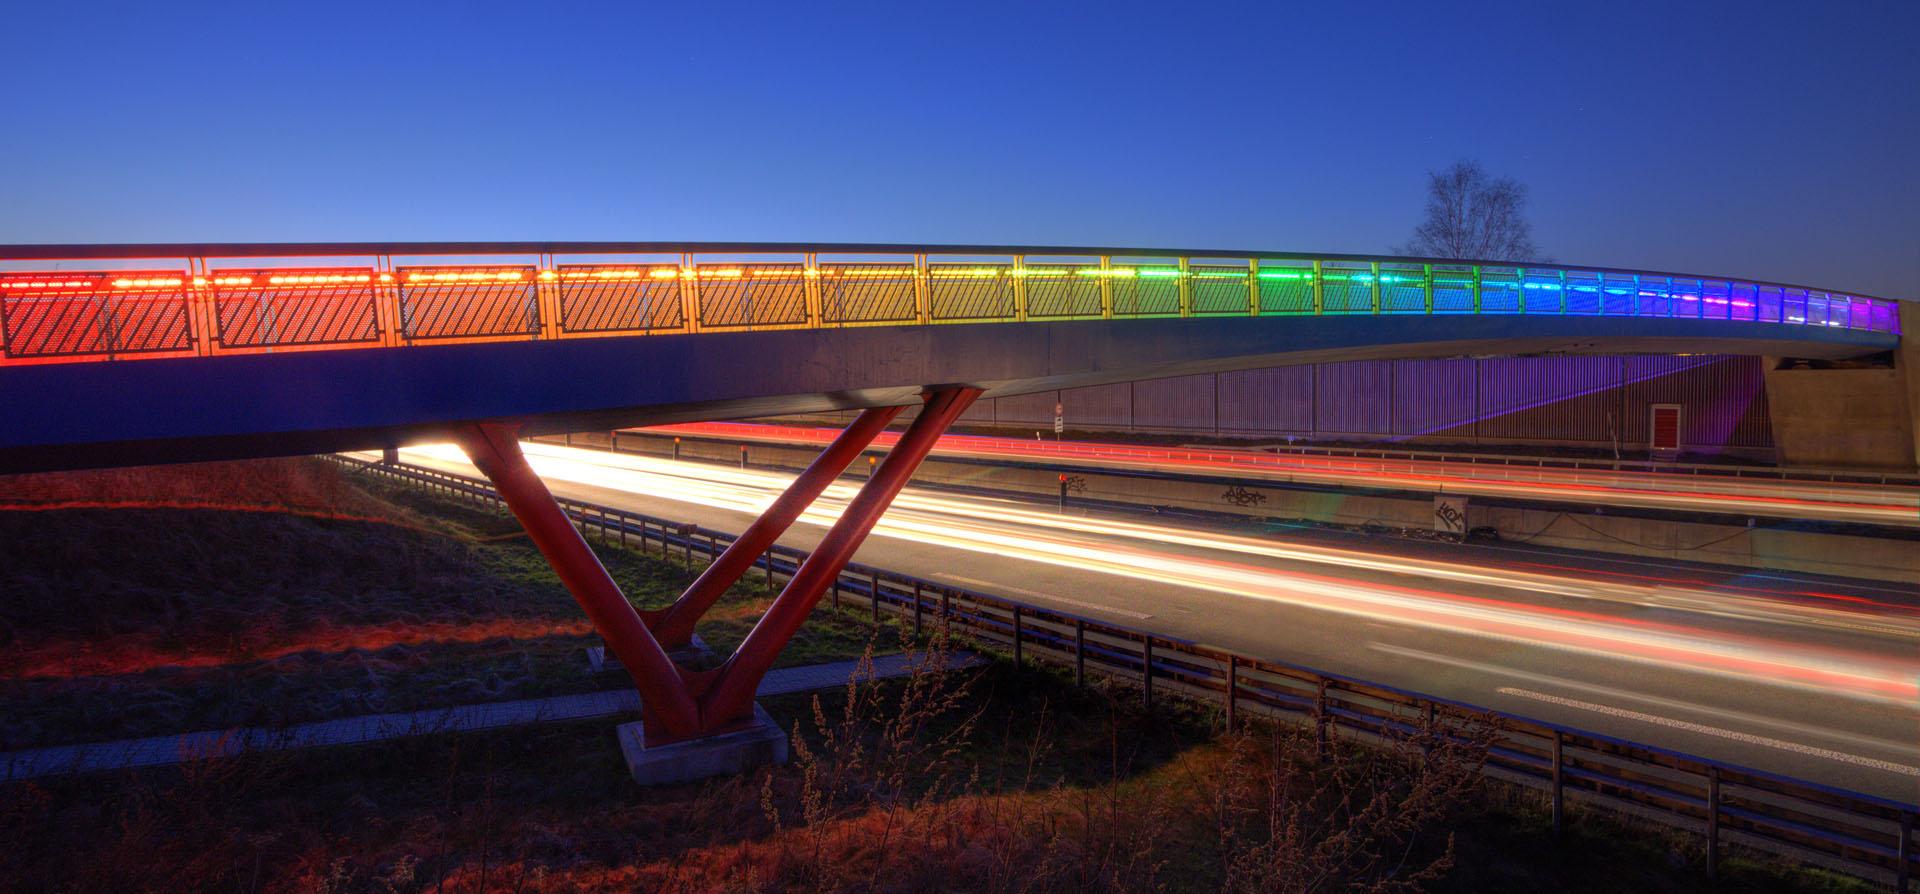 Top 5 Regenbogenbrücke A40 Dortmund